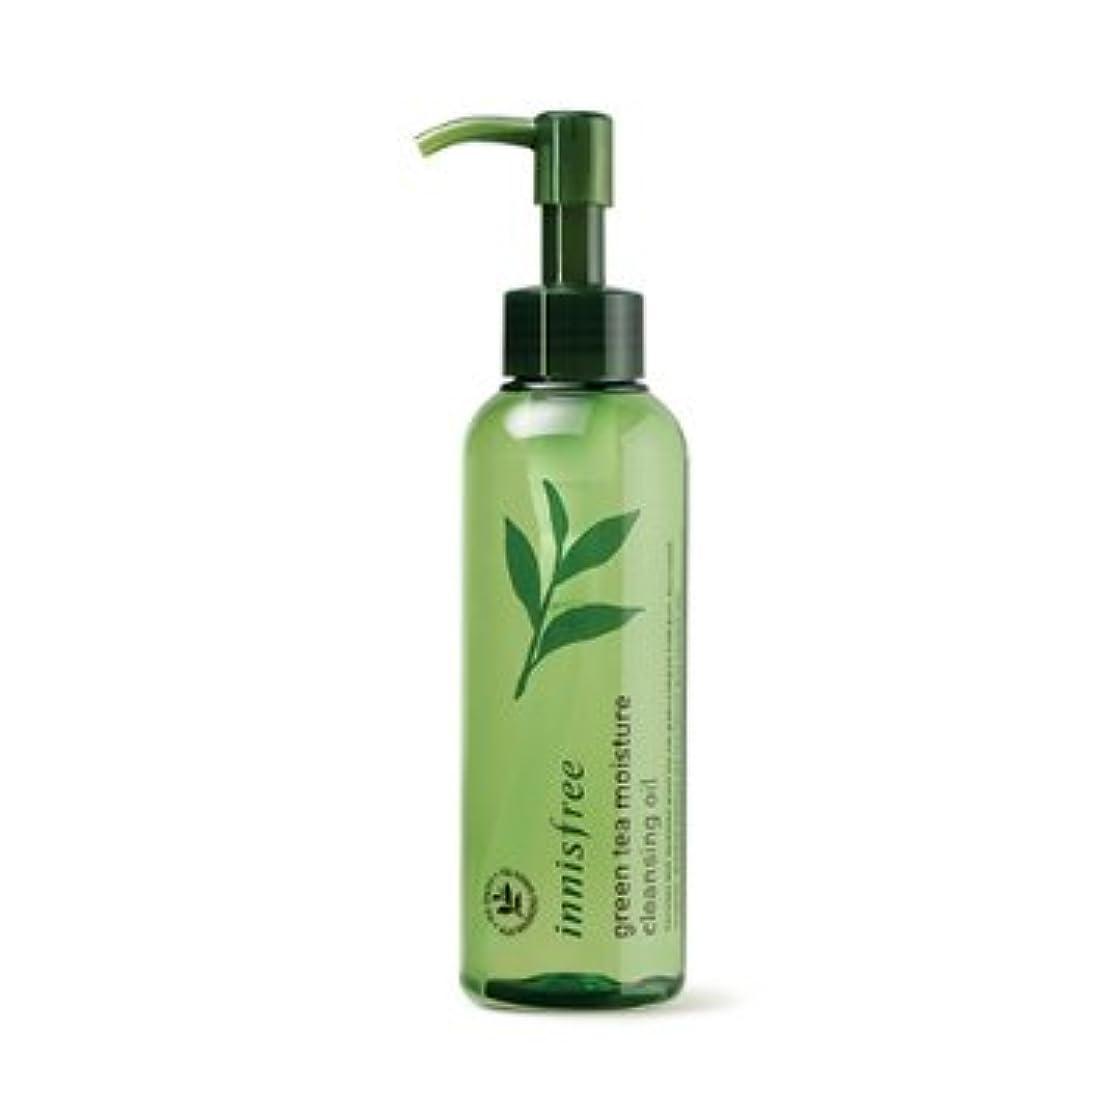 専門知識負荷猟犬【イニスフリー】Innisfree green tea moisture cleansing oil - 150ml (韓国直送品) (SHOPPINGINSTAGRAM)